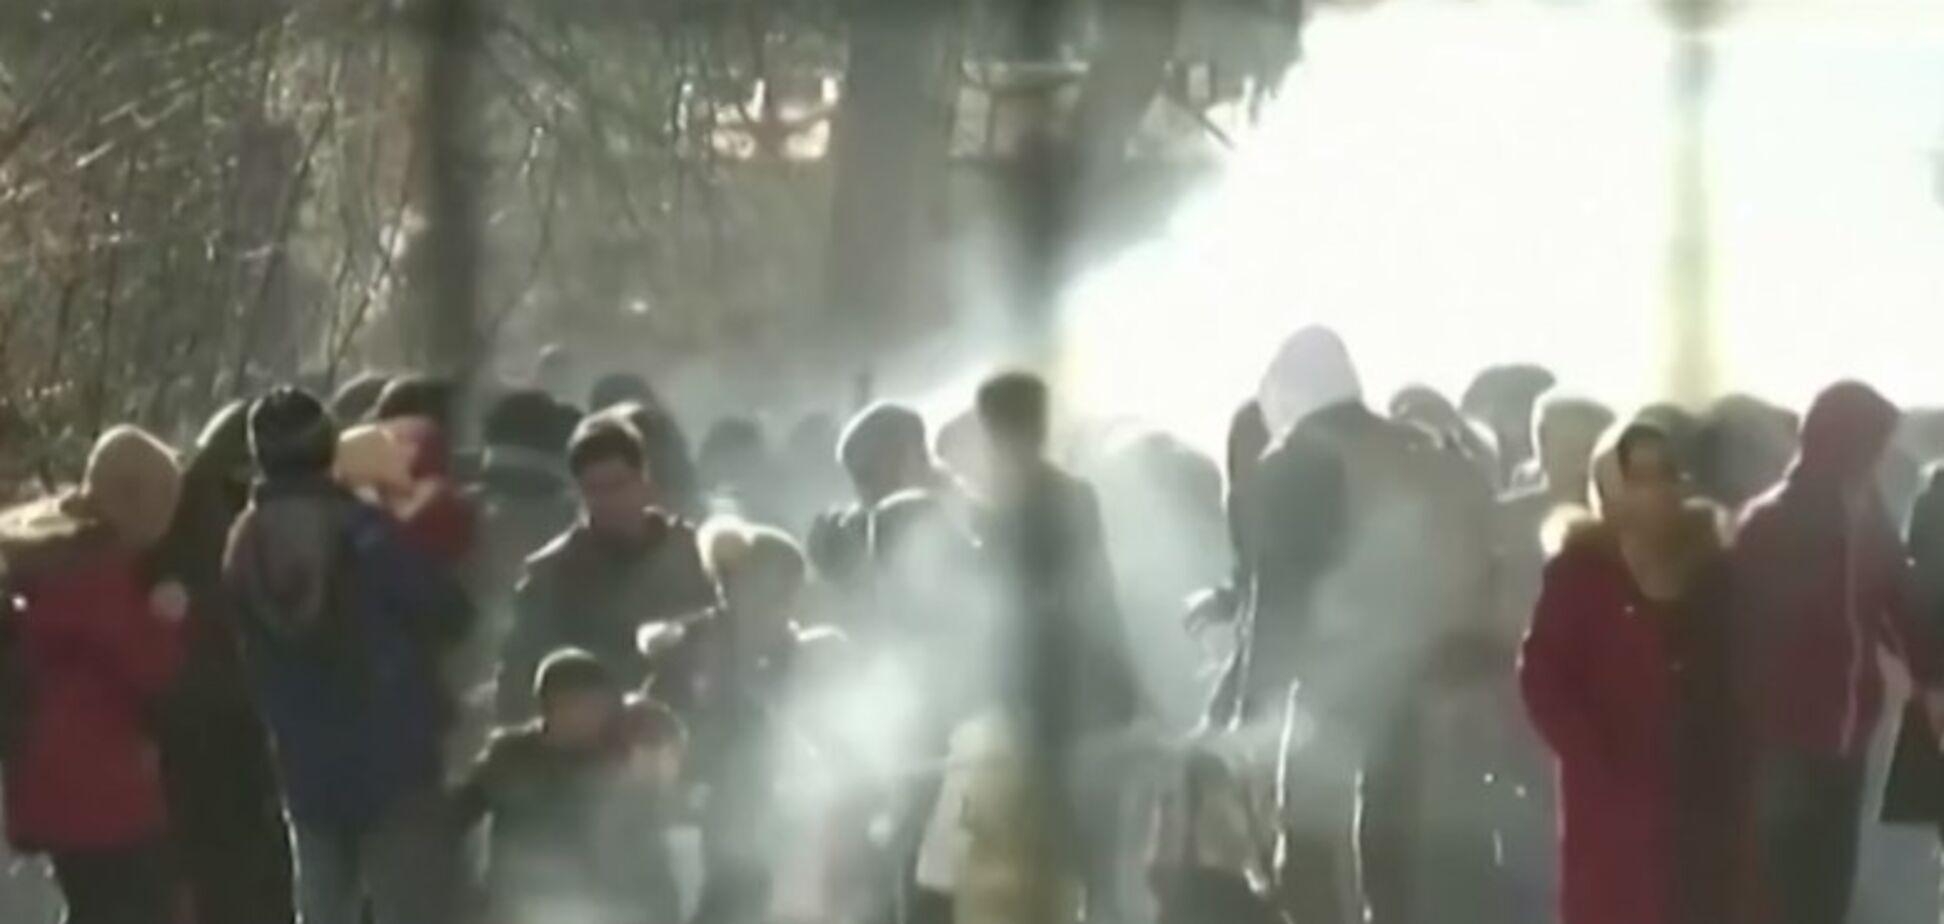 Поліція Греції застосувала газ проти біженців з Туреччини. Фото і відео